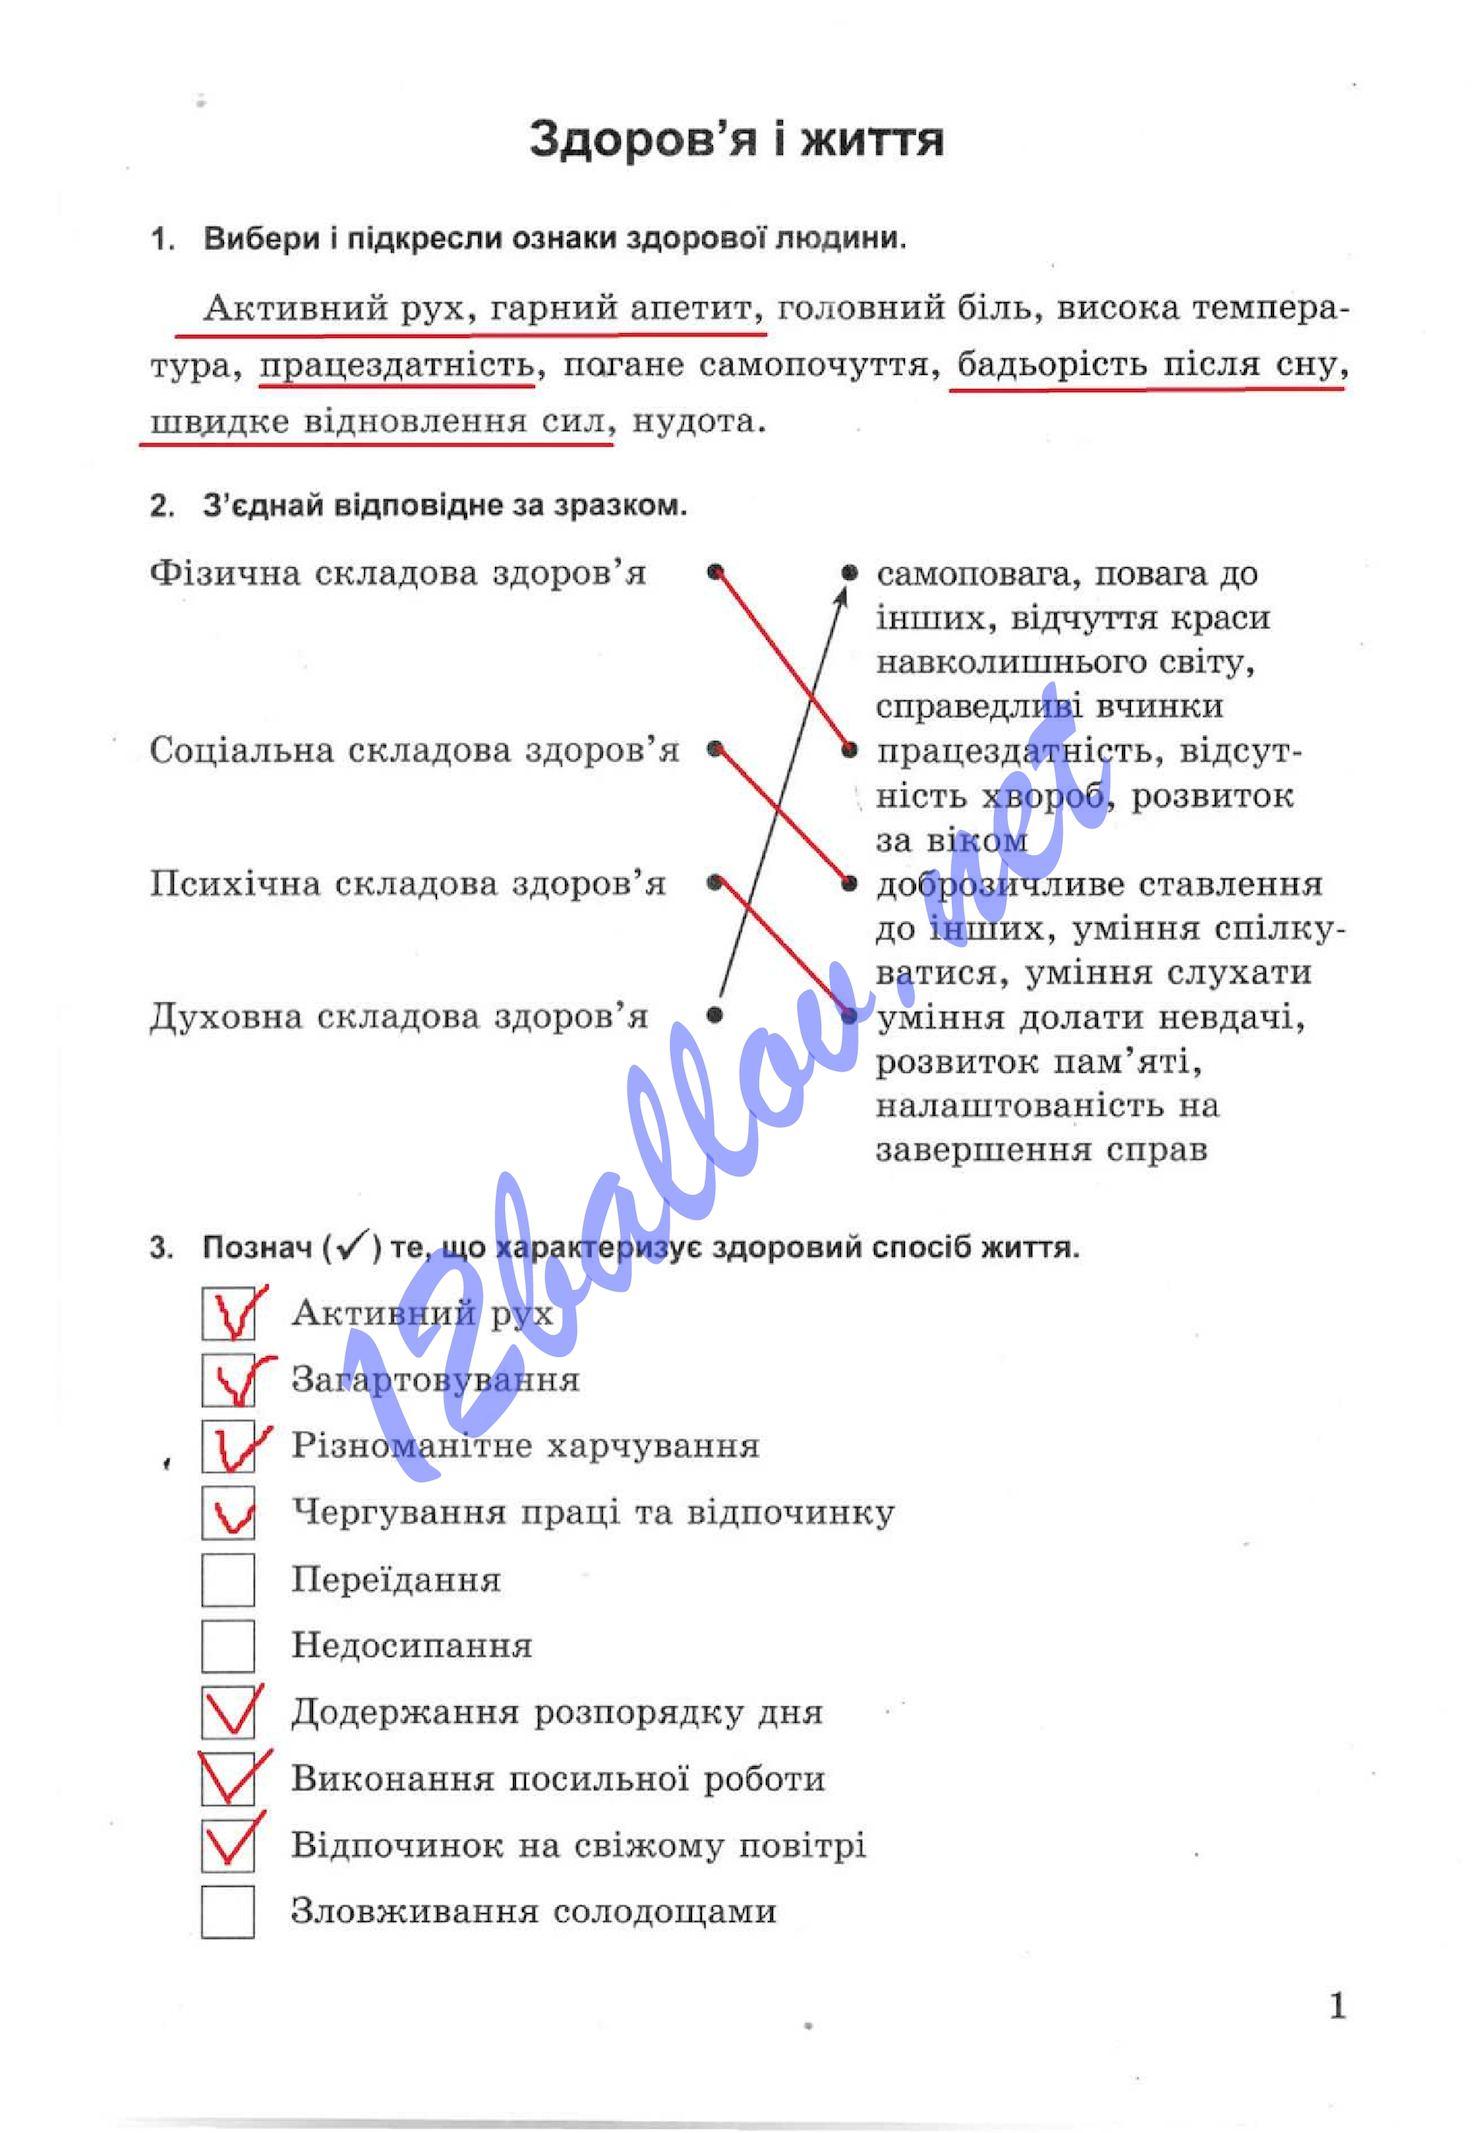 Основи здоров'я 5 клас Бойченко